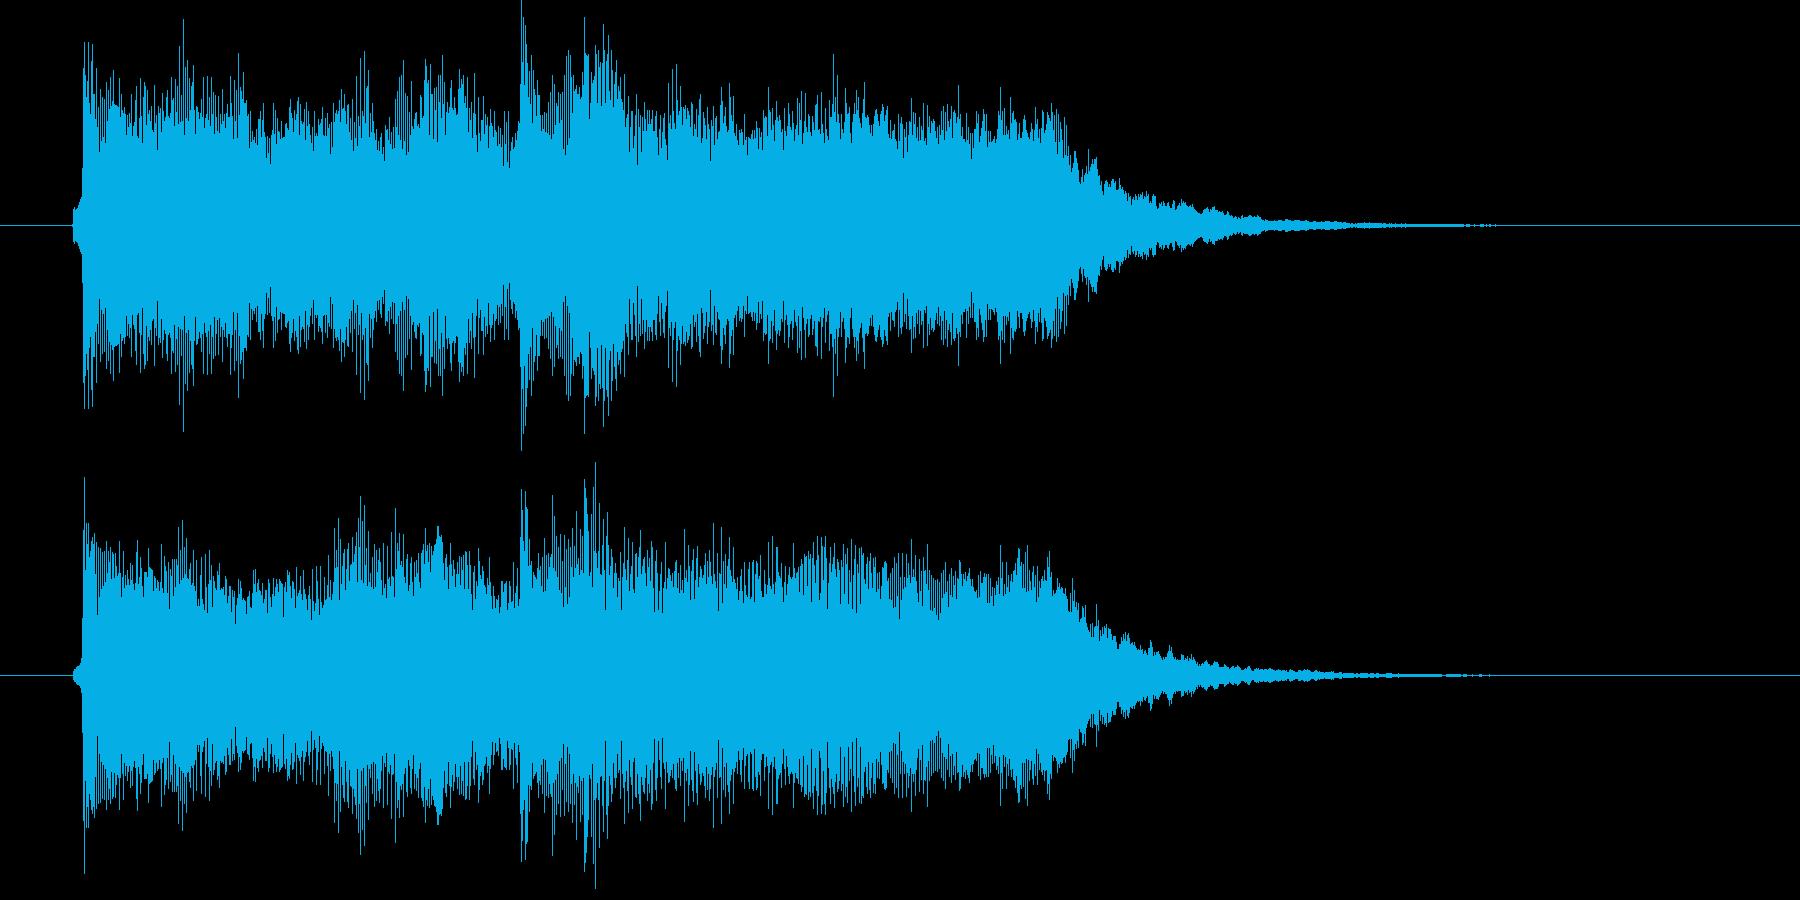 清々しいバイオリンとマラカスによるBGMの再生済みの波形